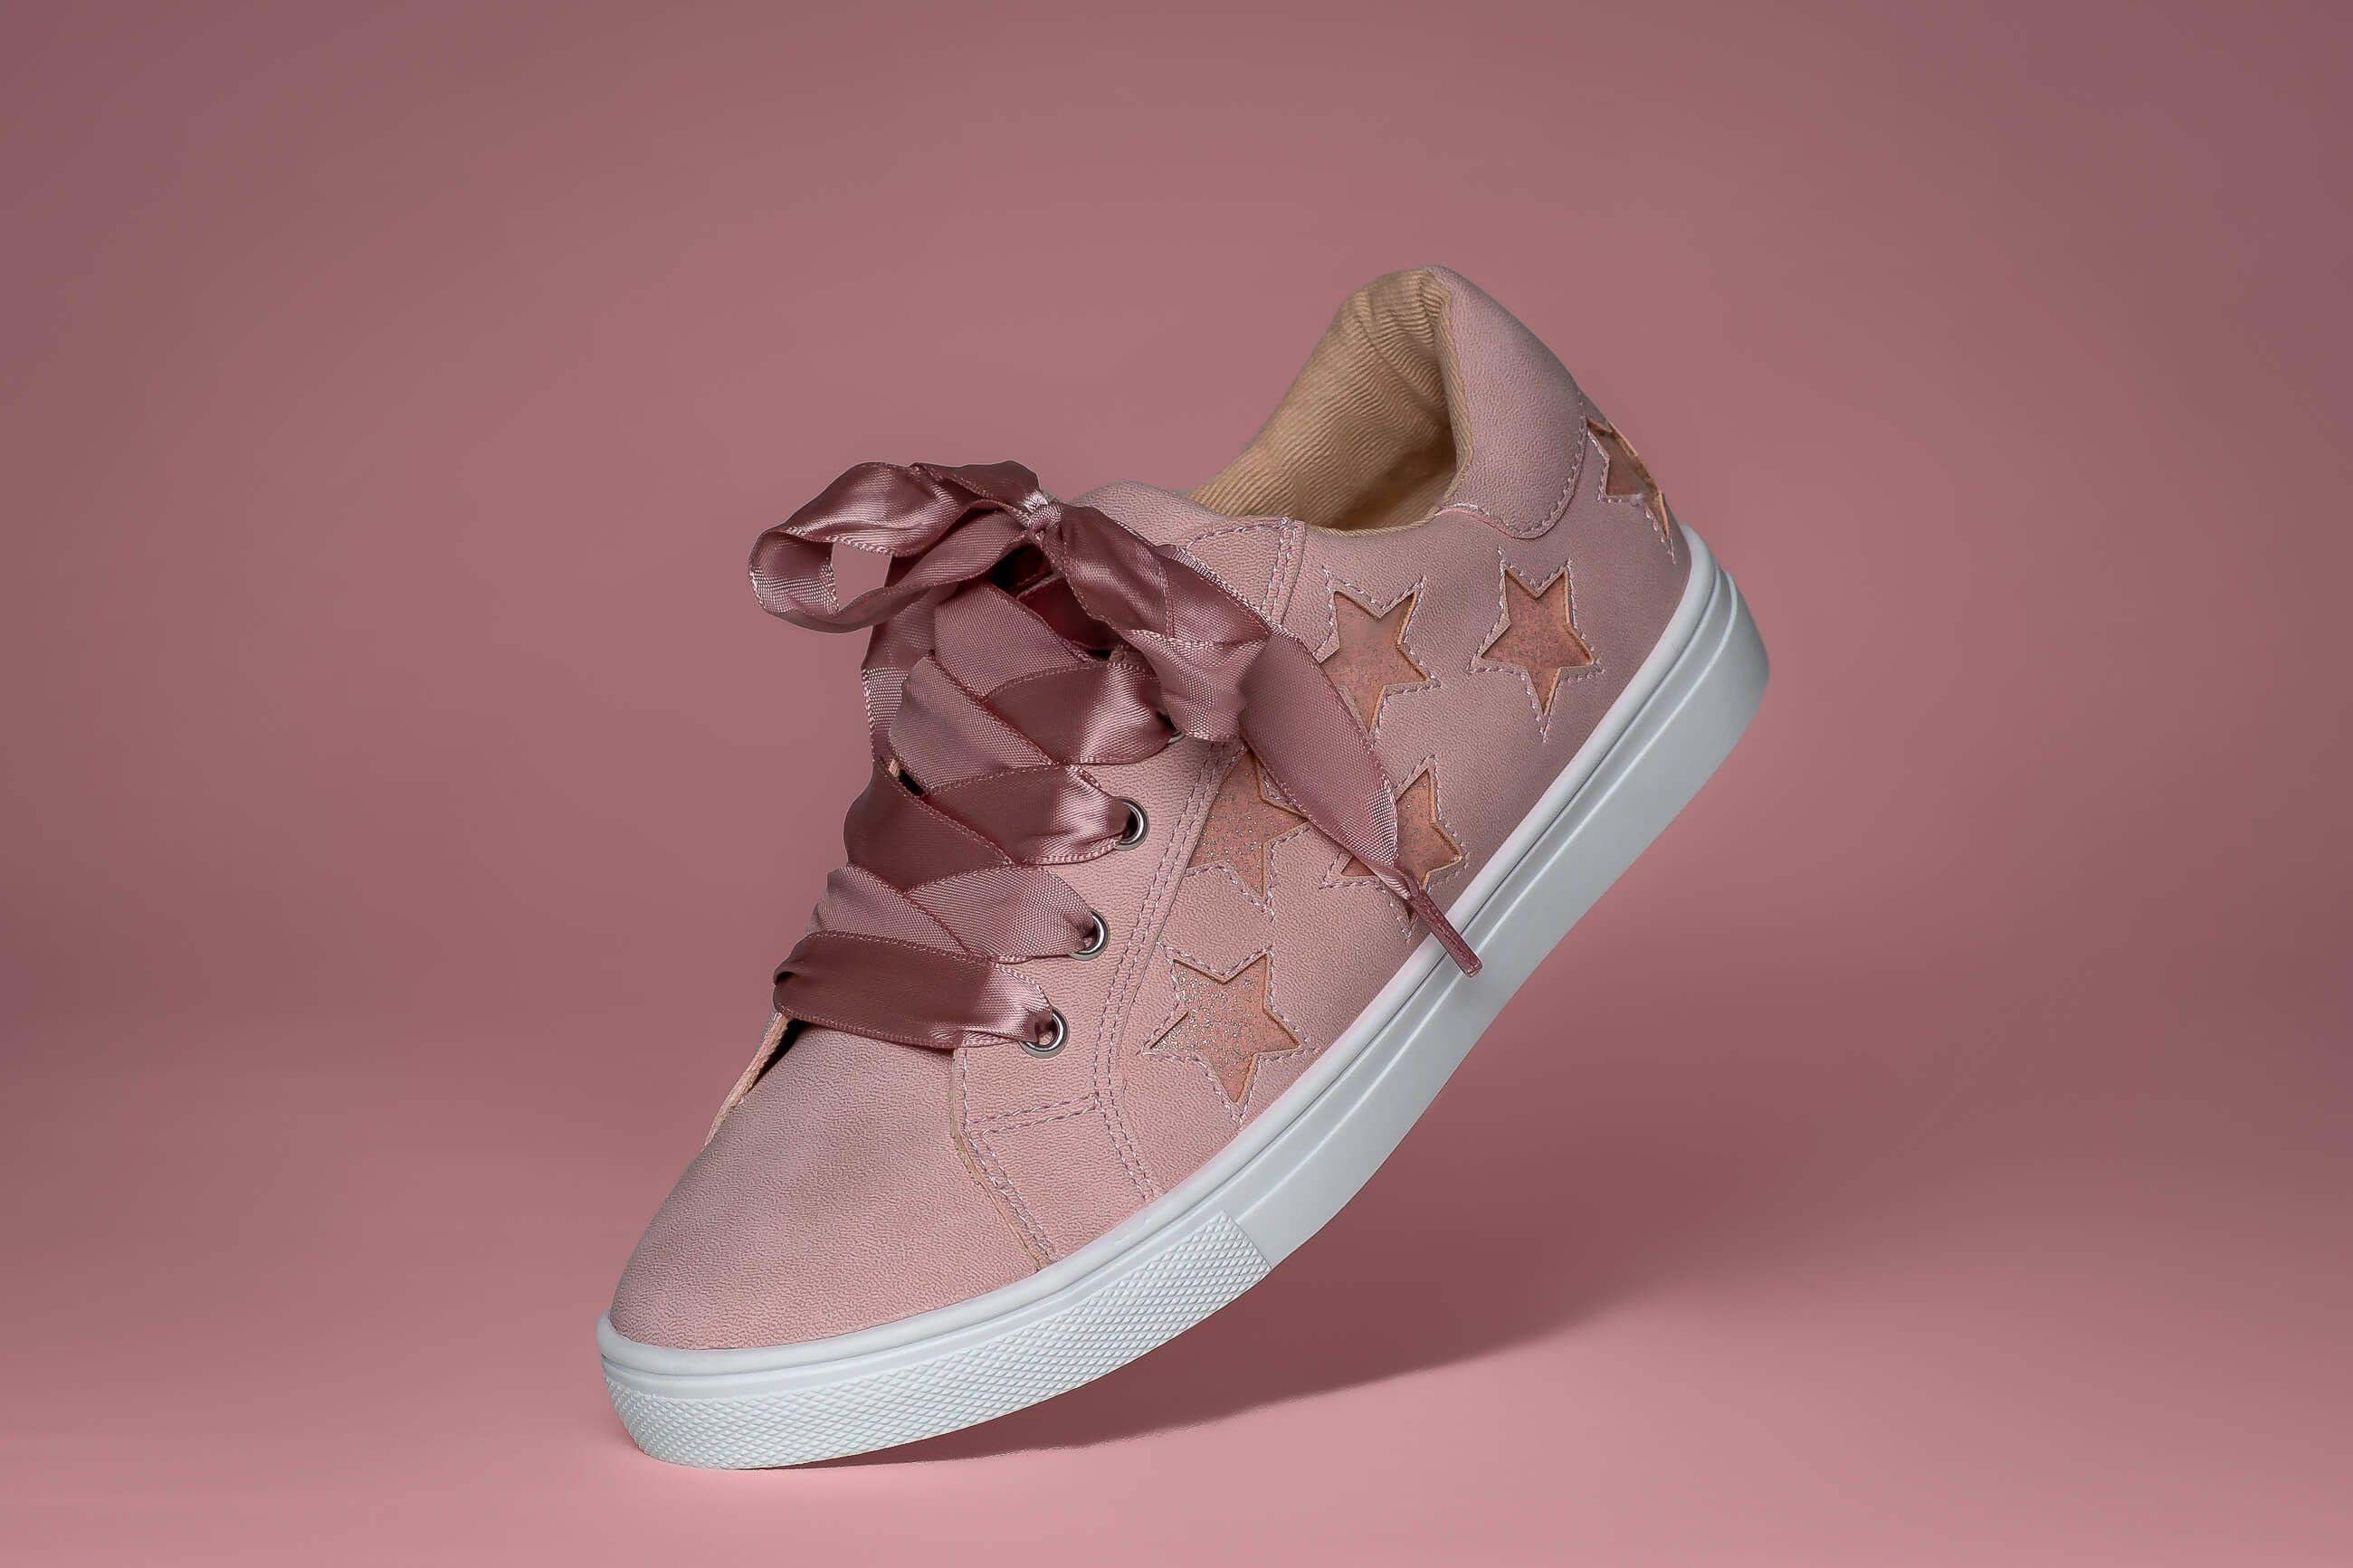 Zdjęcie produktowe różowych butów